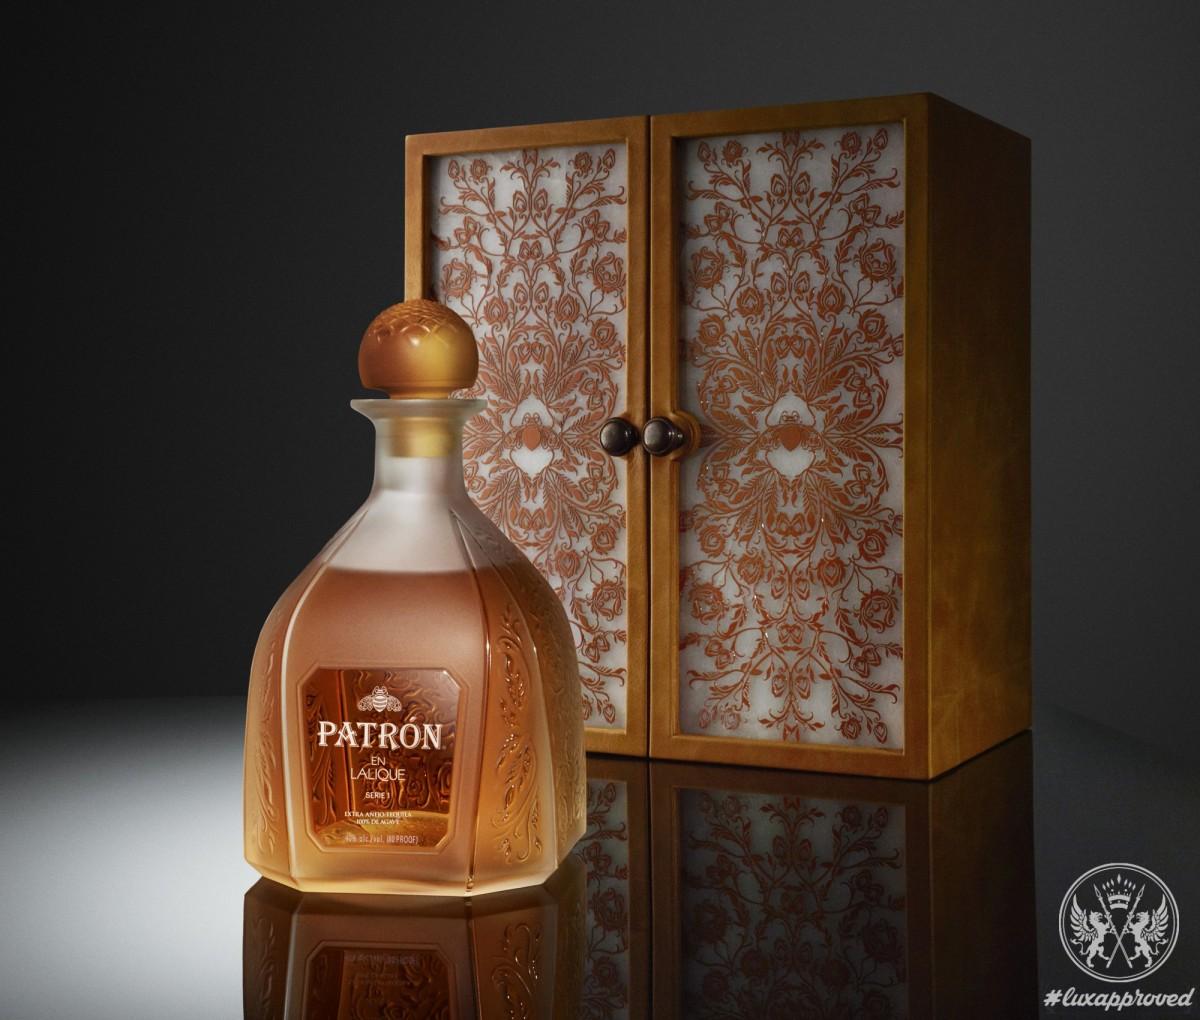 Patrón en Lalique: Serie 1